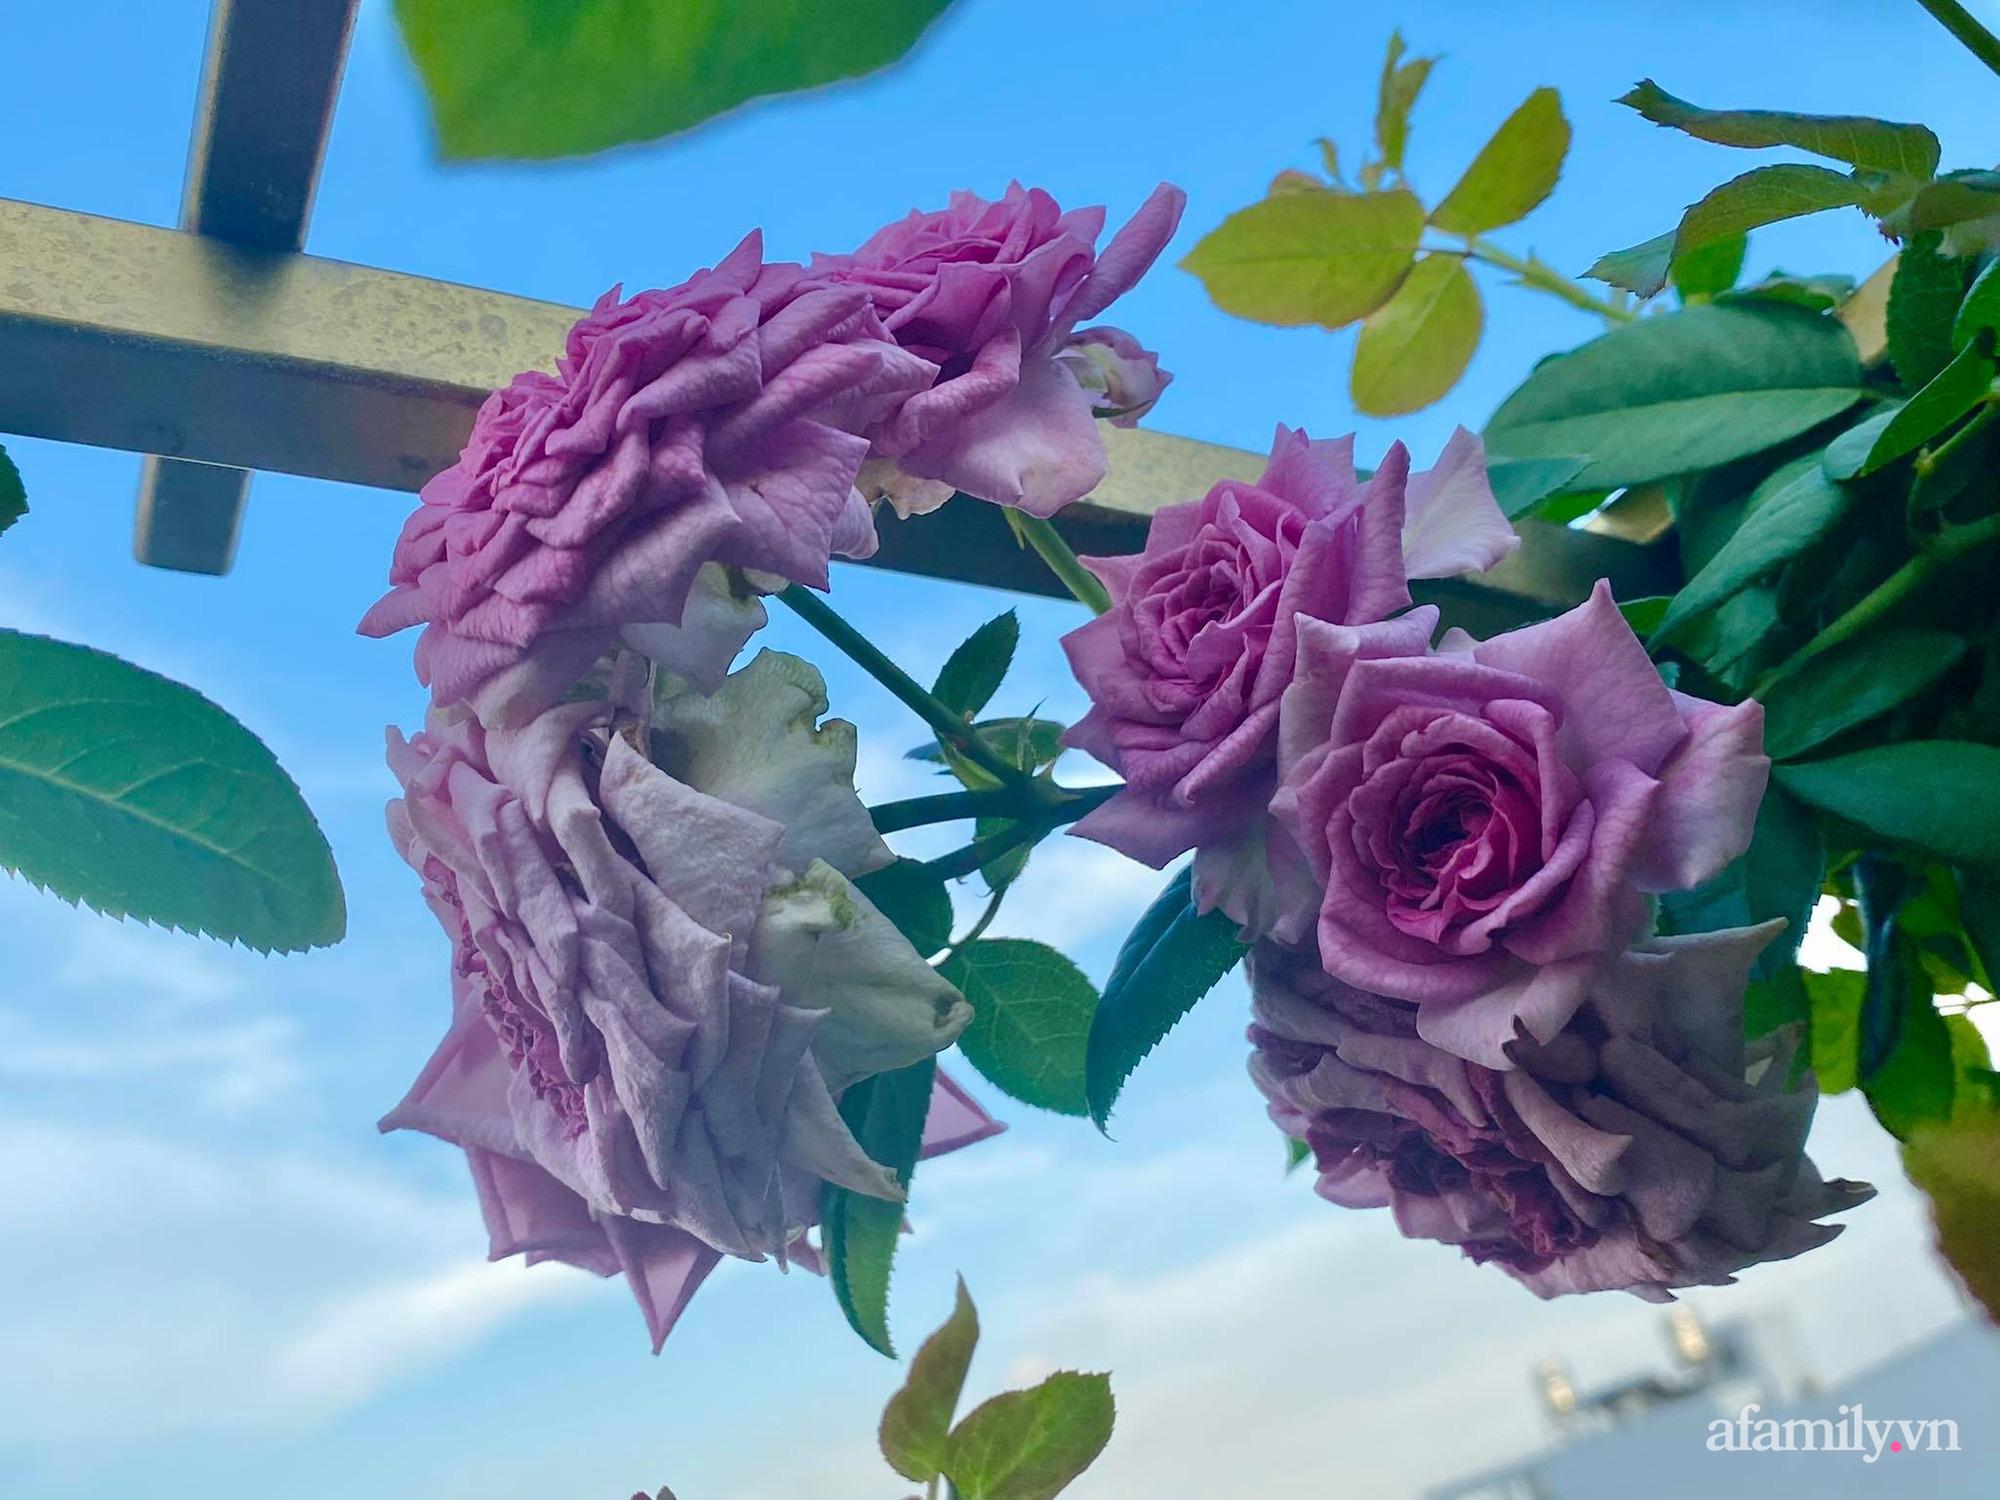 Sân thượng phủ kín hoa hồng và rau quả sạch được chăm chút nhờ bàn tay khéo léo của Hoa hậu Janny Thủy Trần - Ảnh 9.